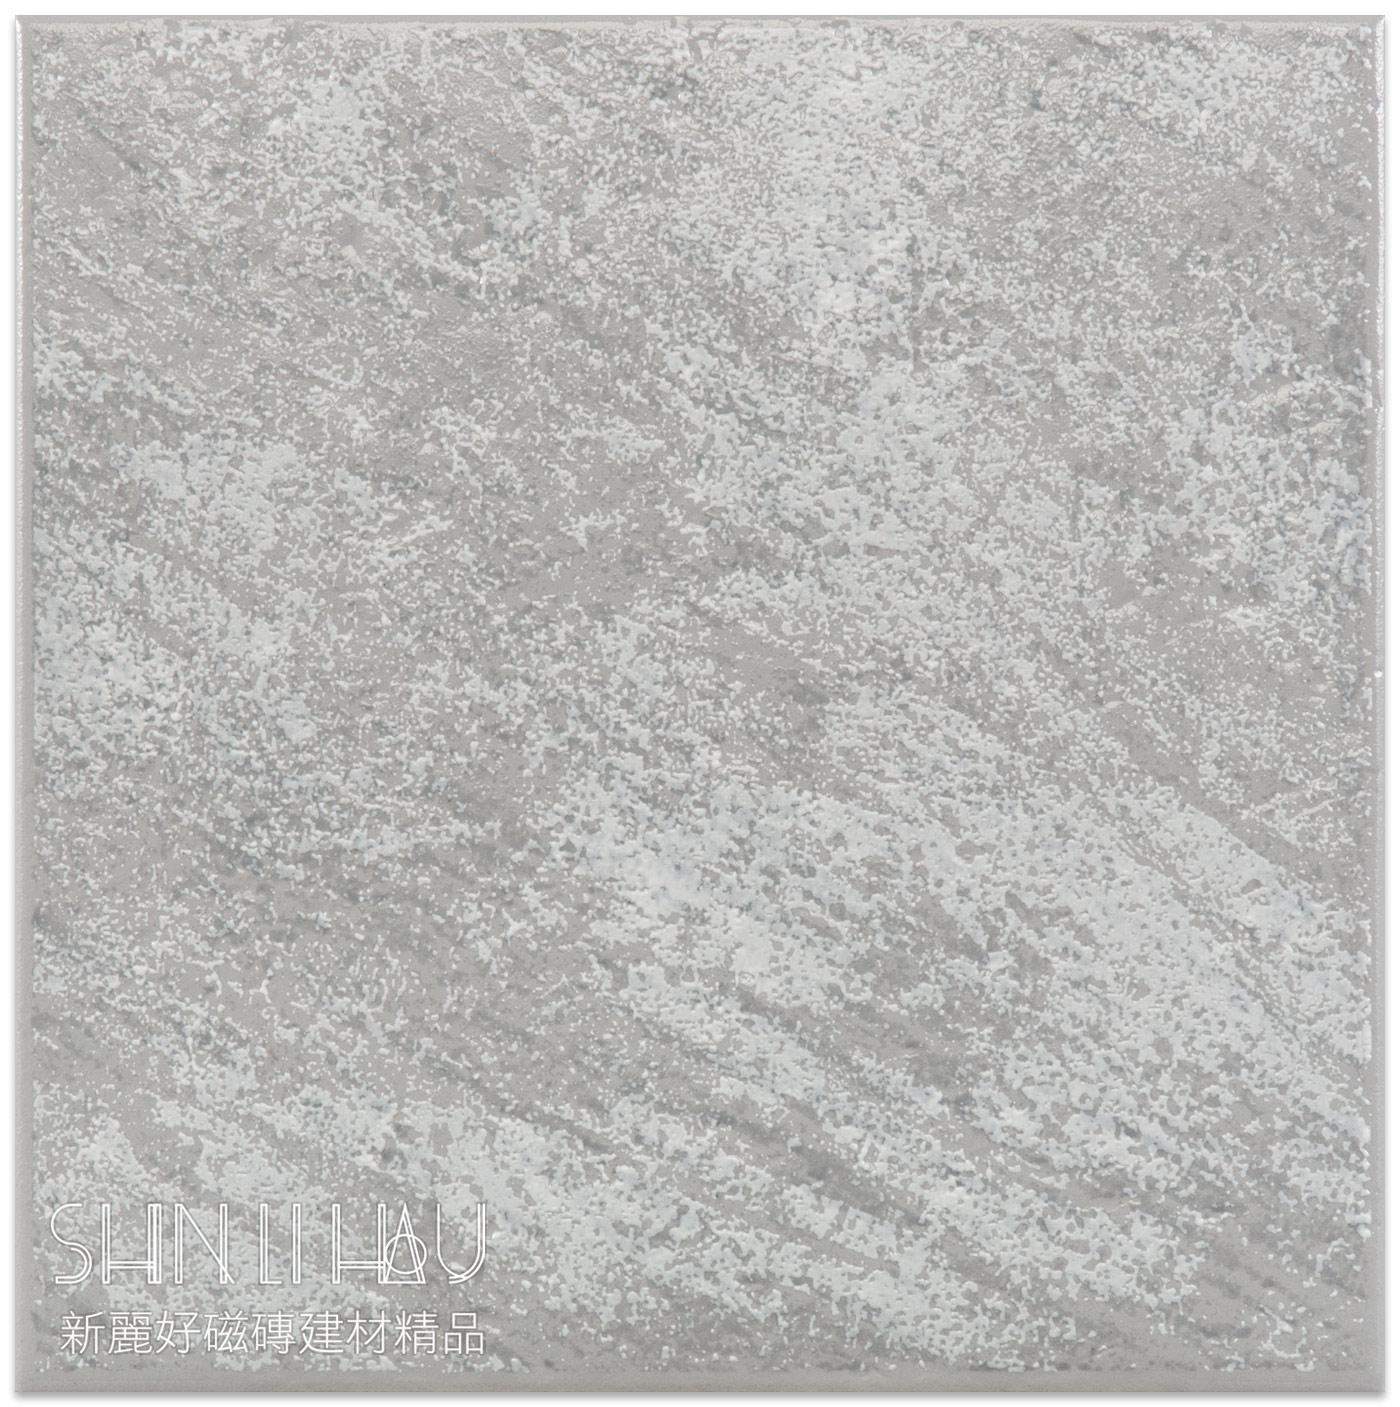 【尋寶盛會-歐洲品牌超強促銷】凡蒂尼-超值義大利進口地壁磚每坪2835元,僅此一檔即將完售! - 灰白色